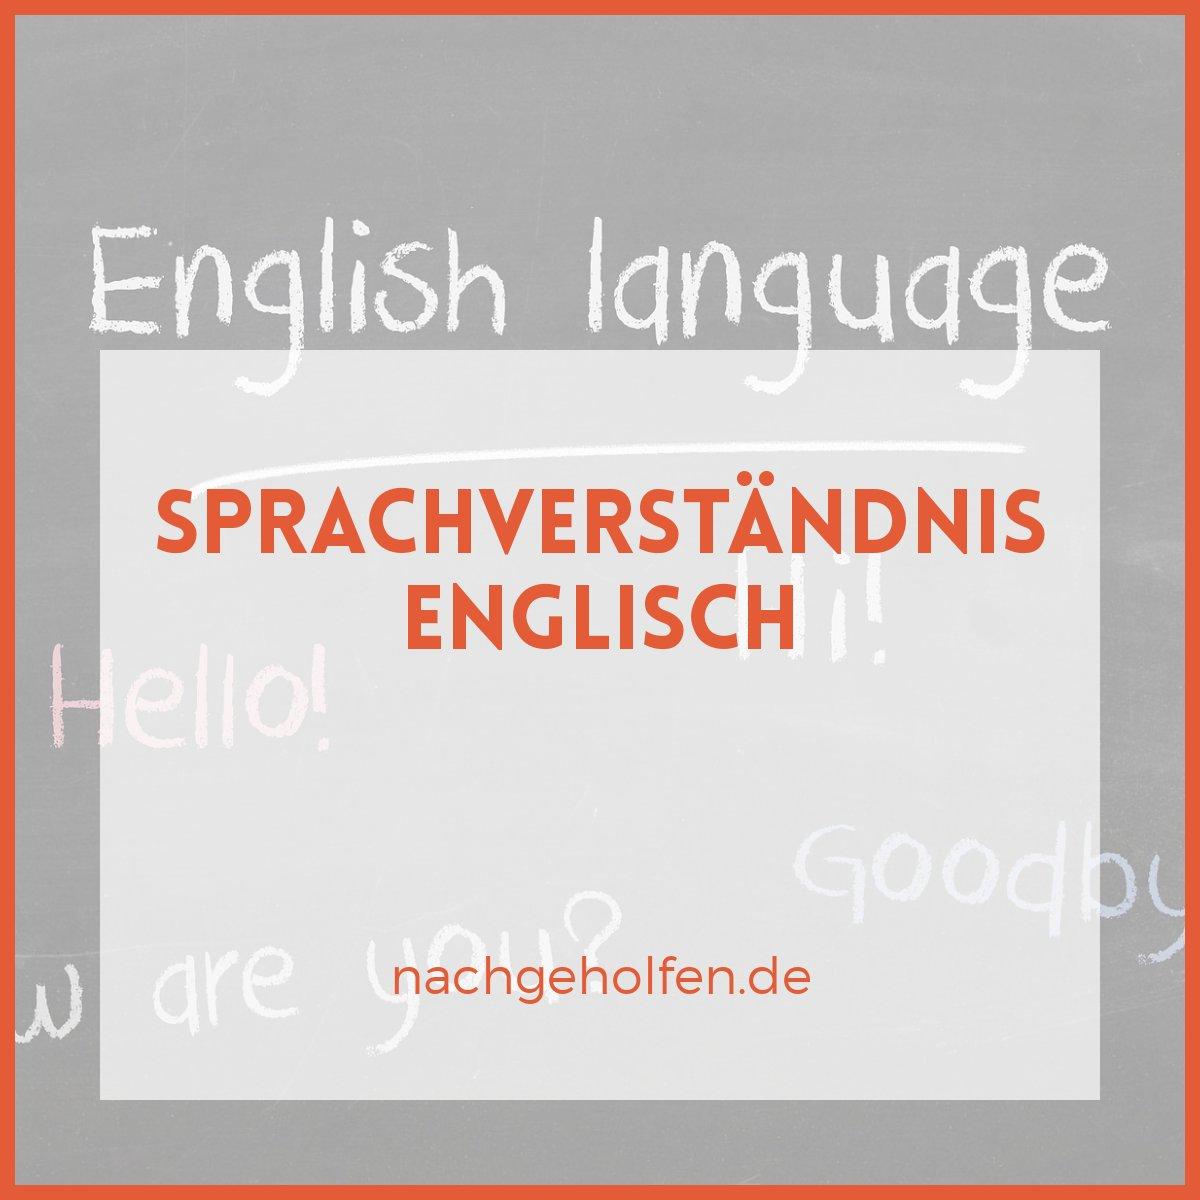 Sprachverständnis Englischdie Besten Tipps Bei Nachgeholfende